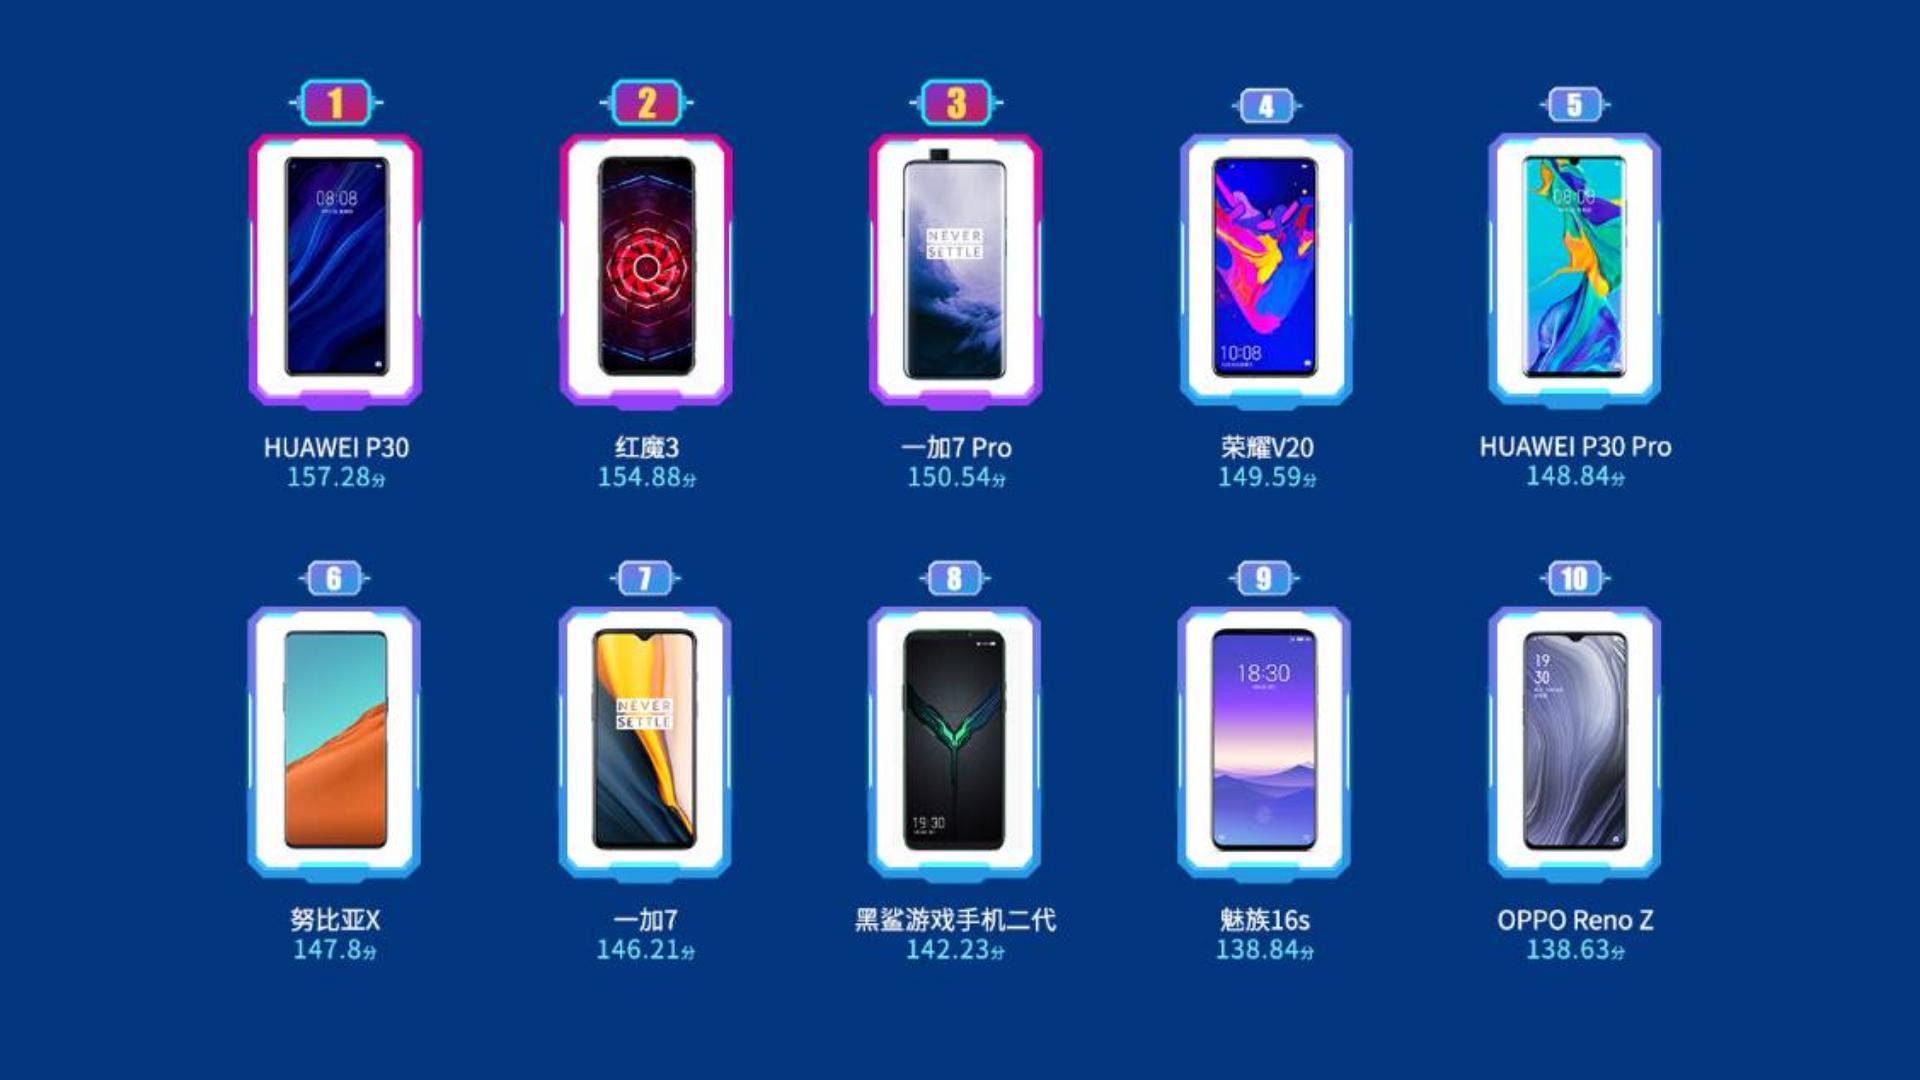 2019最流畅手机揭晓,年终安卓手机排行盘点